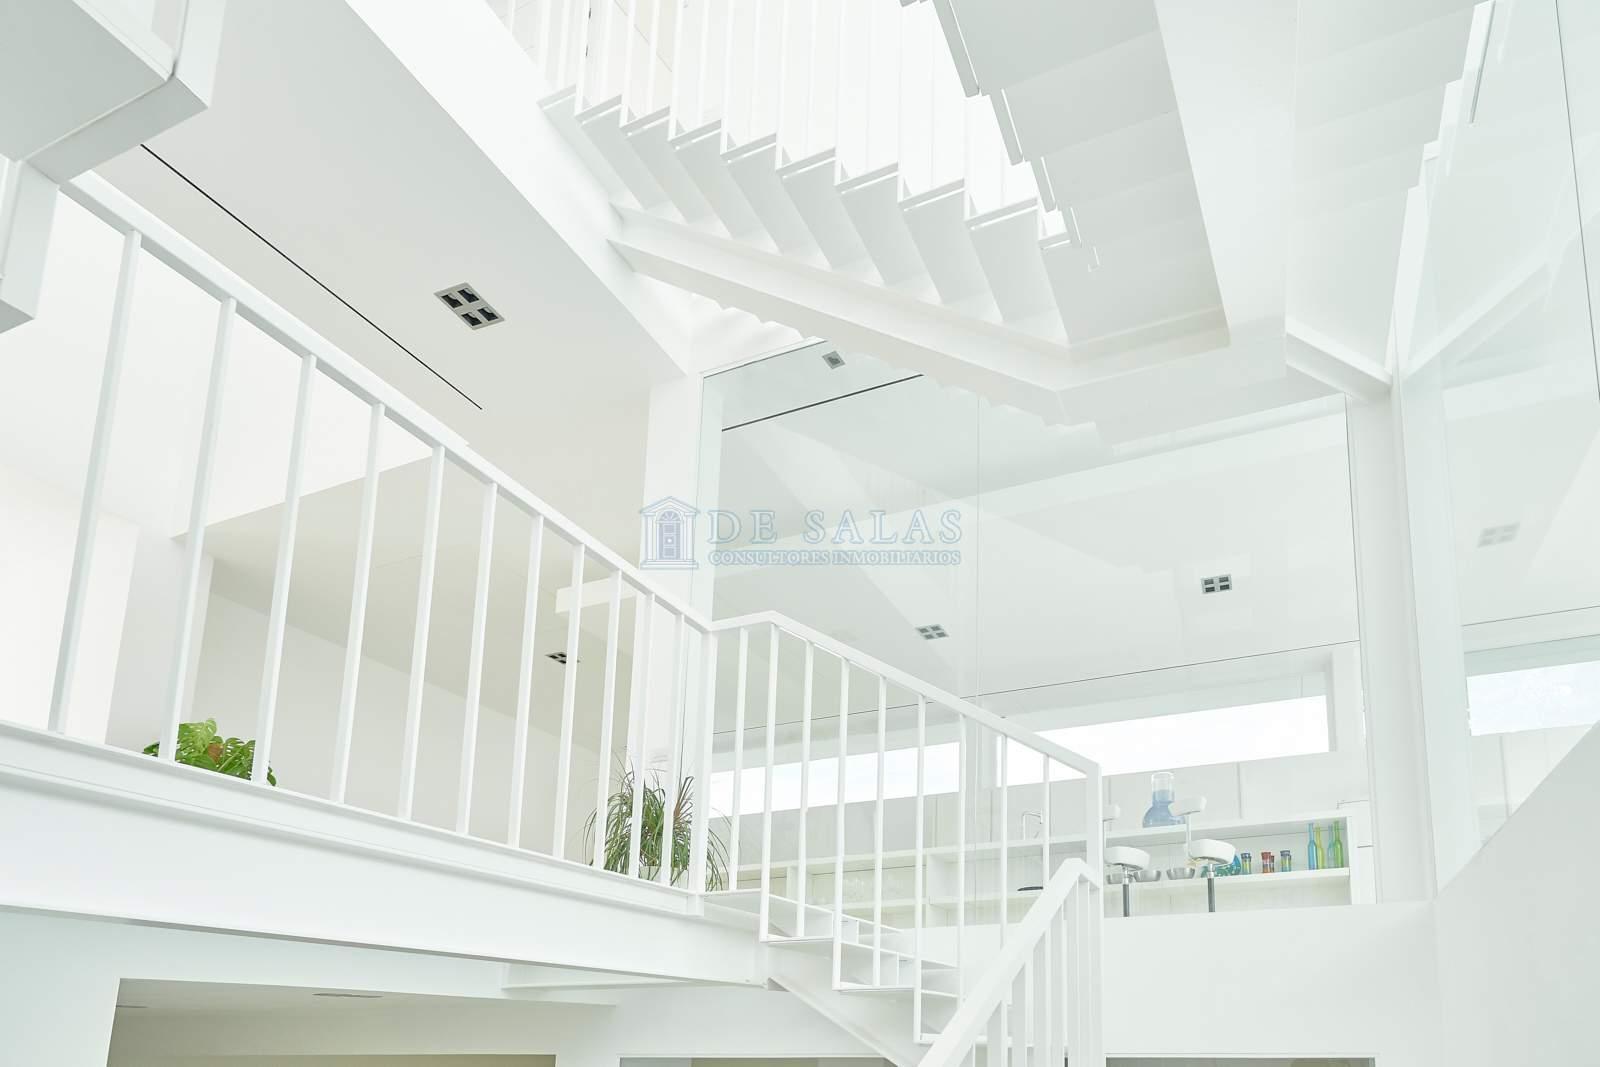 Escaleras-003